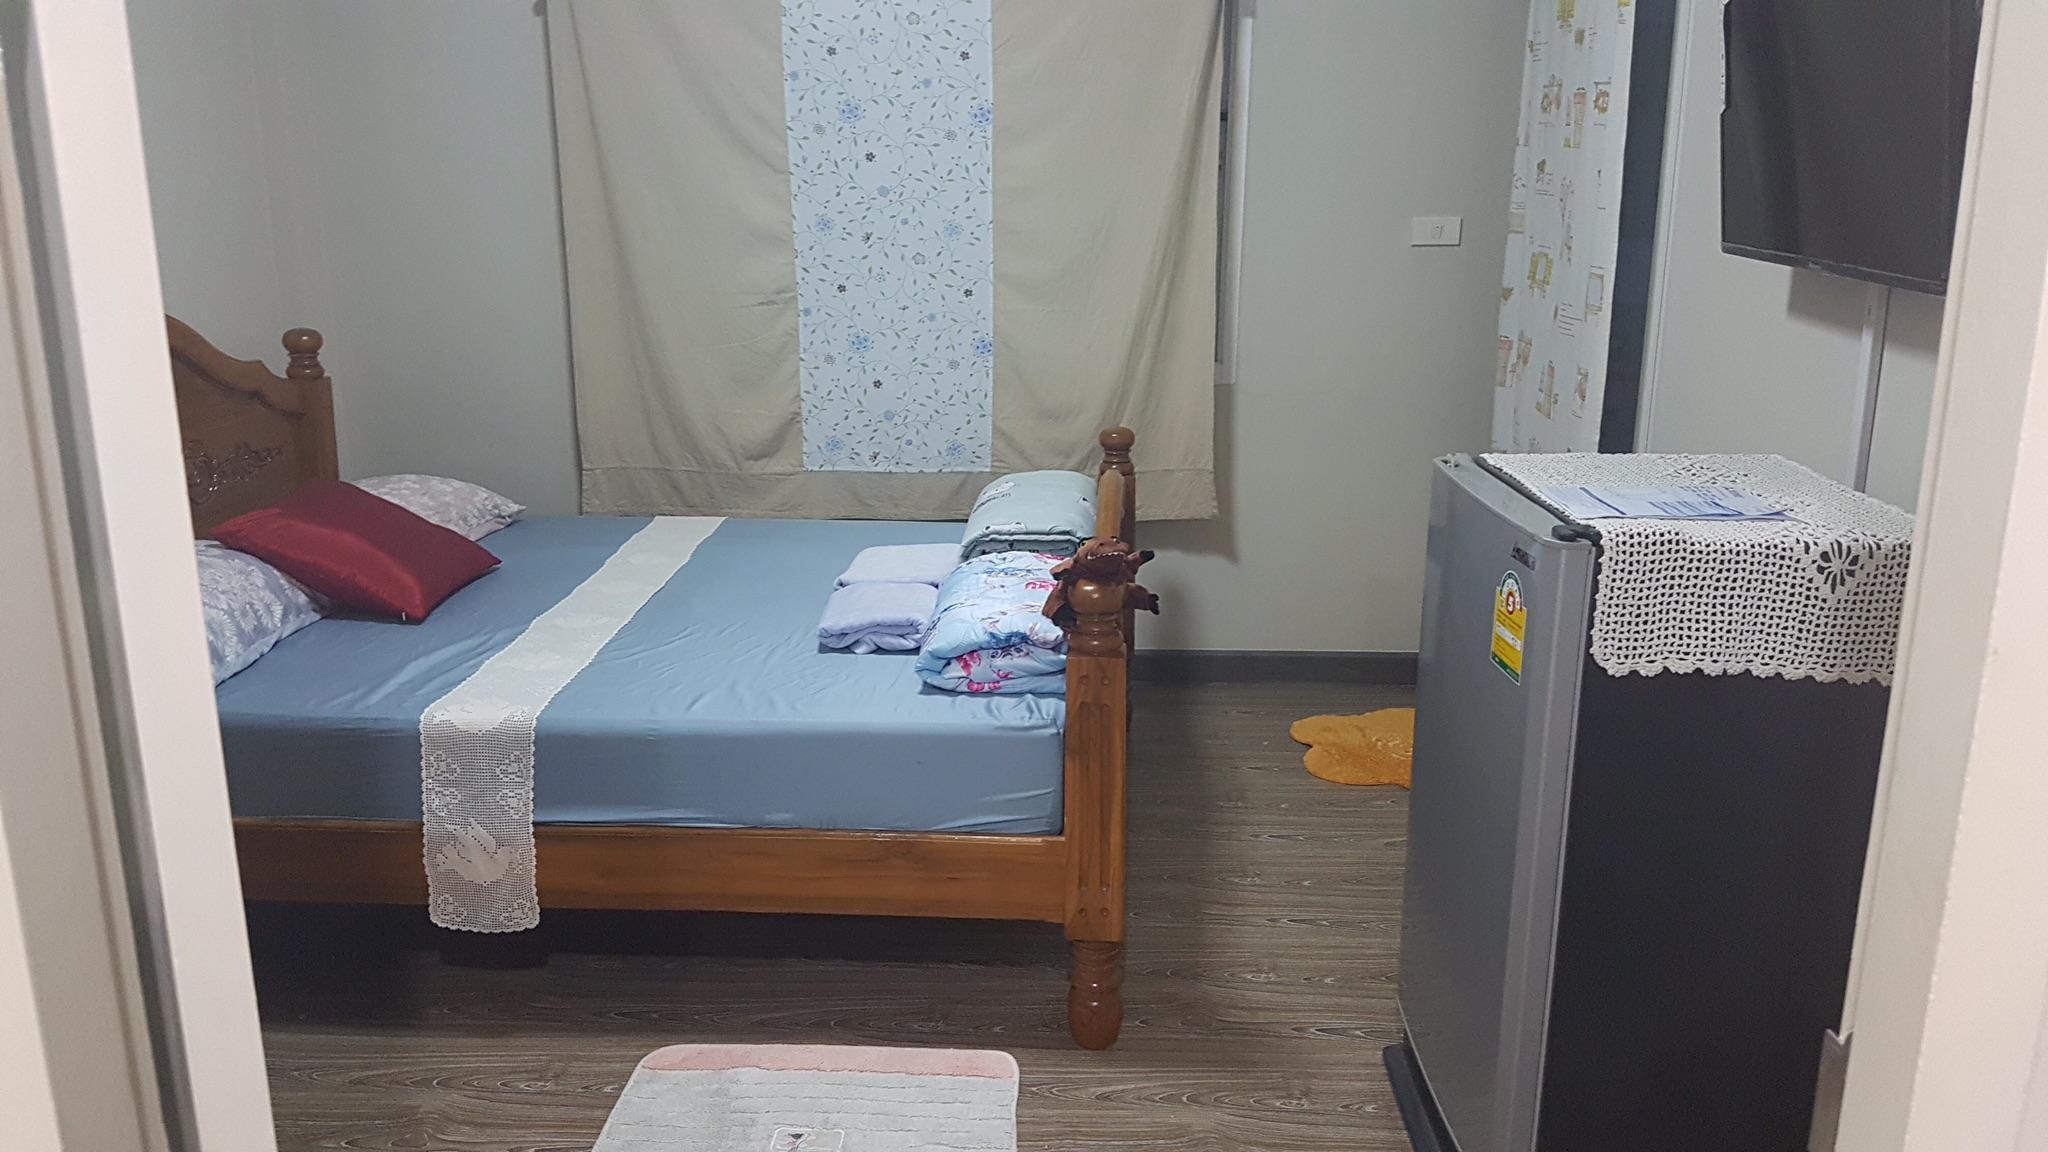 Easy Home 4 for 3 guests อพาร์ตเมนต์ 1 ห้องนอน 1 ห้องน้ำส่วนตัว ขนาด 18 ตร.ม. – สุขุมวิท